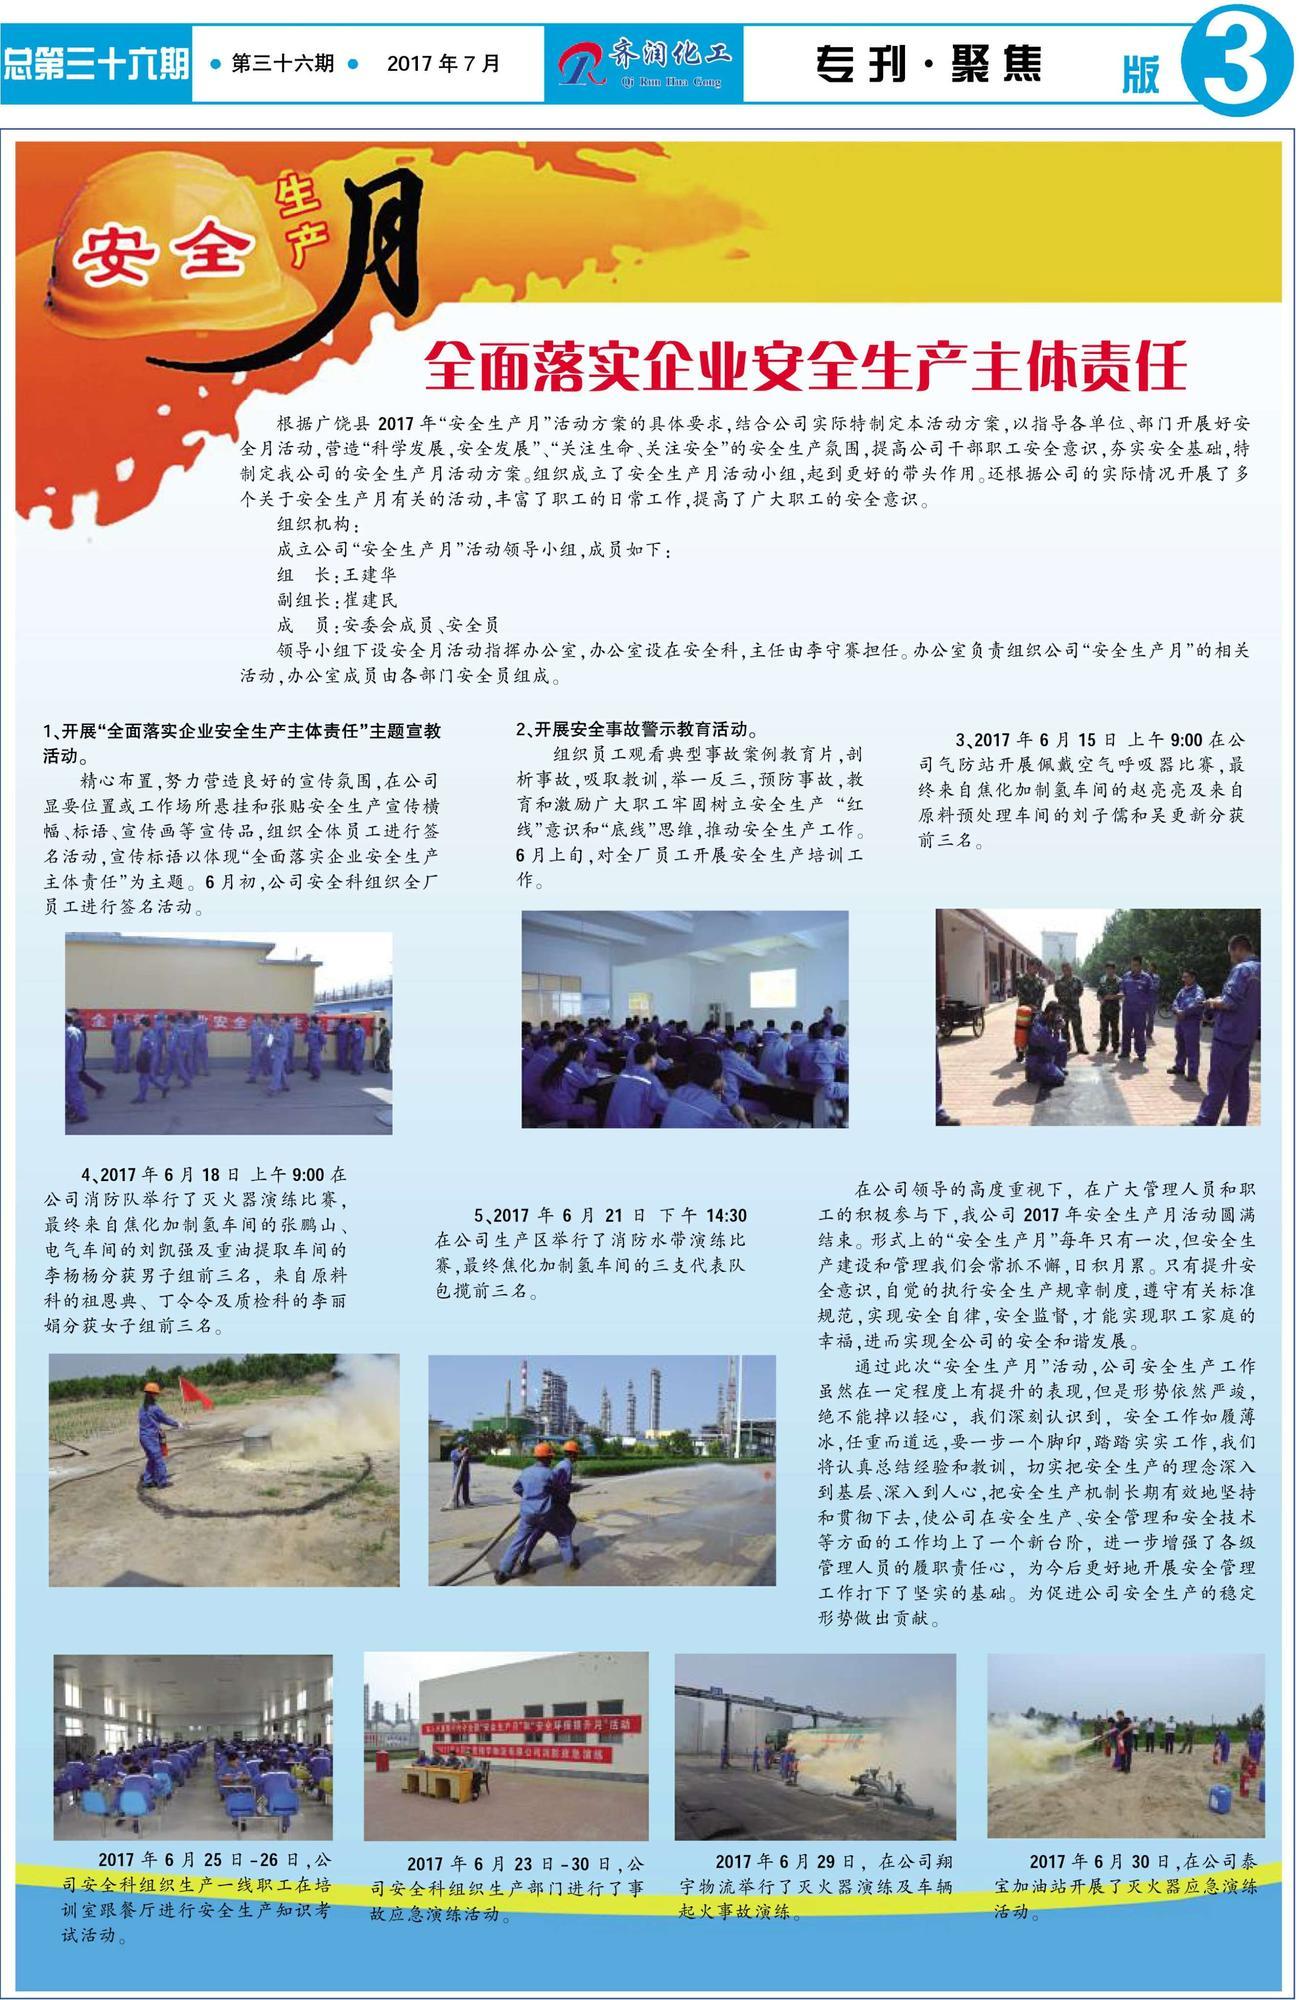 亚博体育官方登陆报第36期-3.jpg